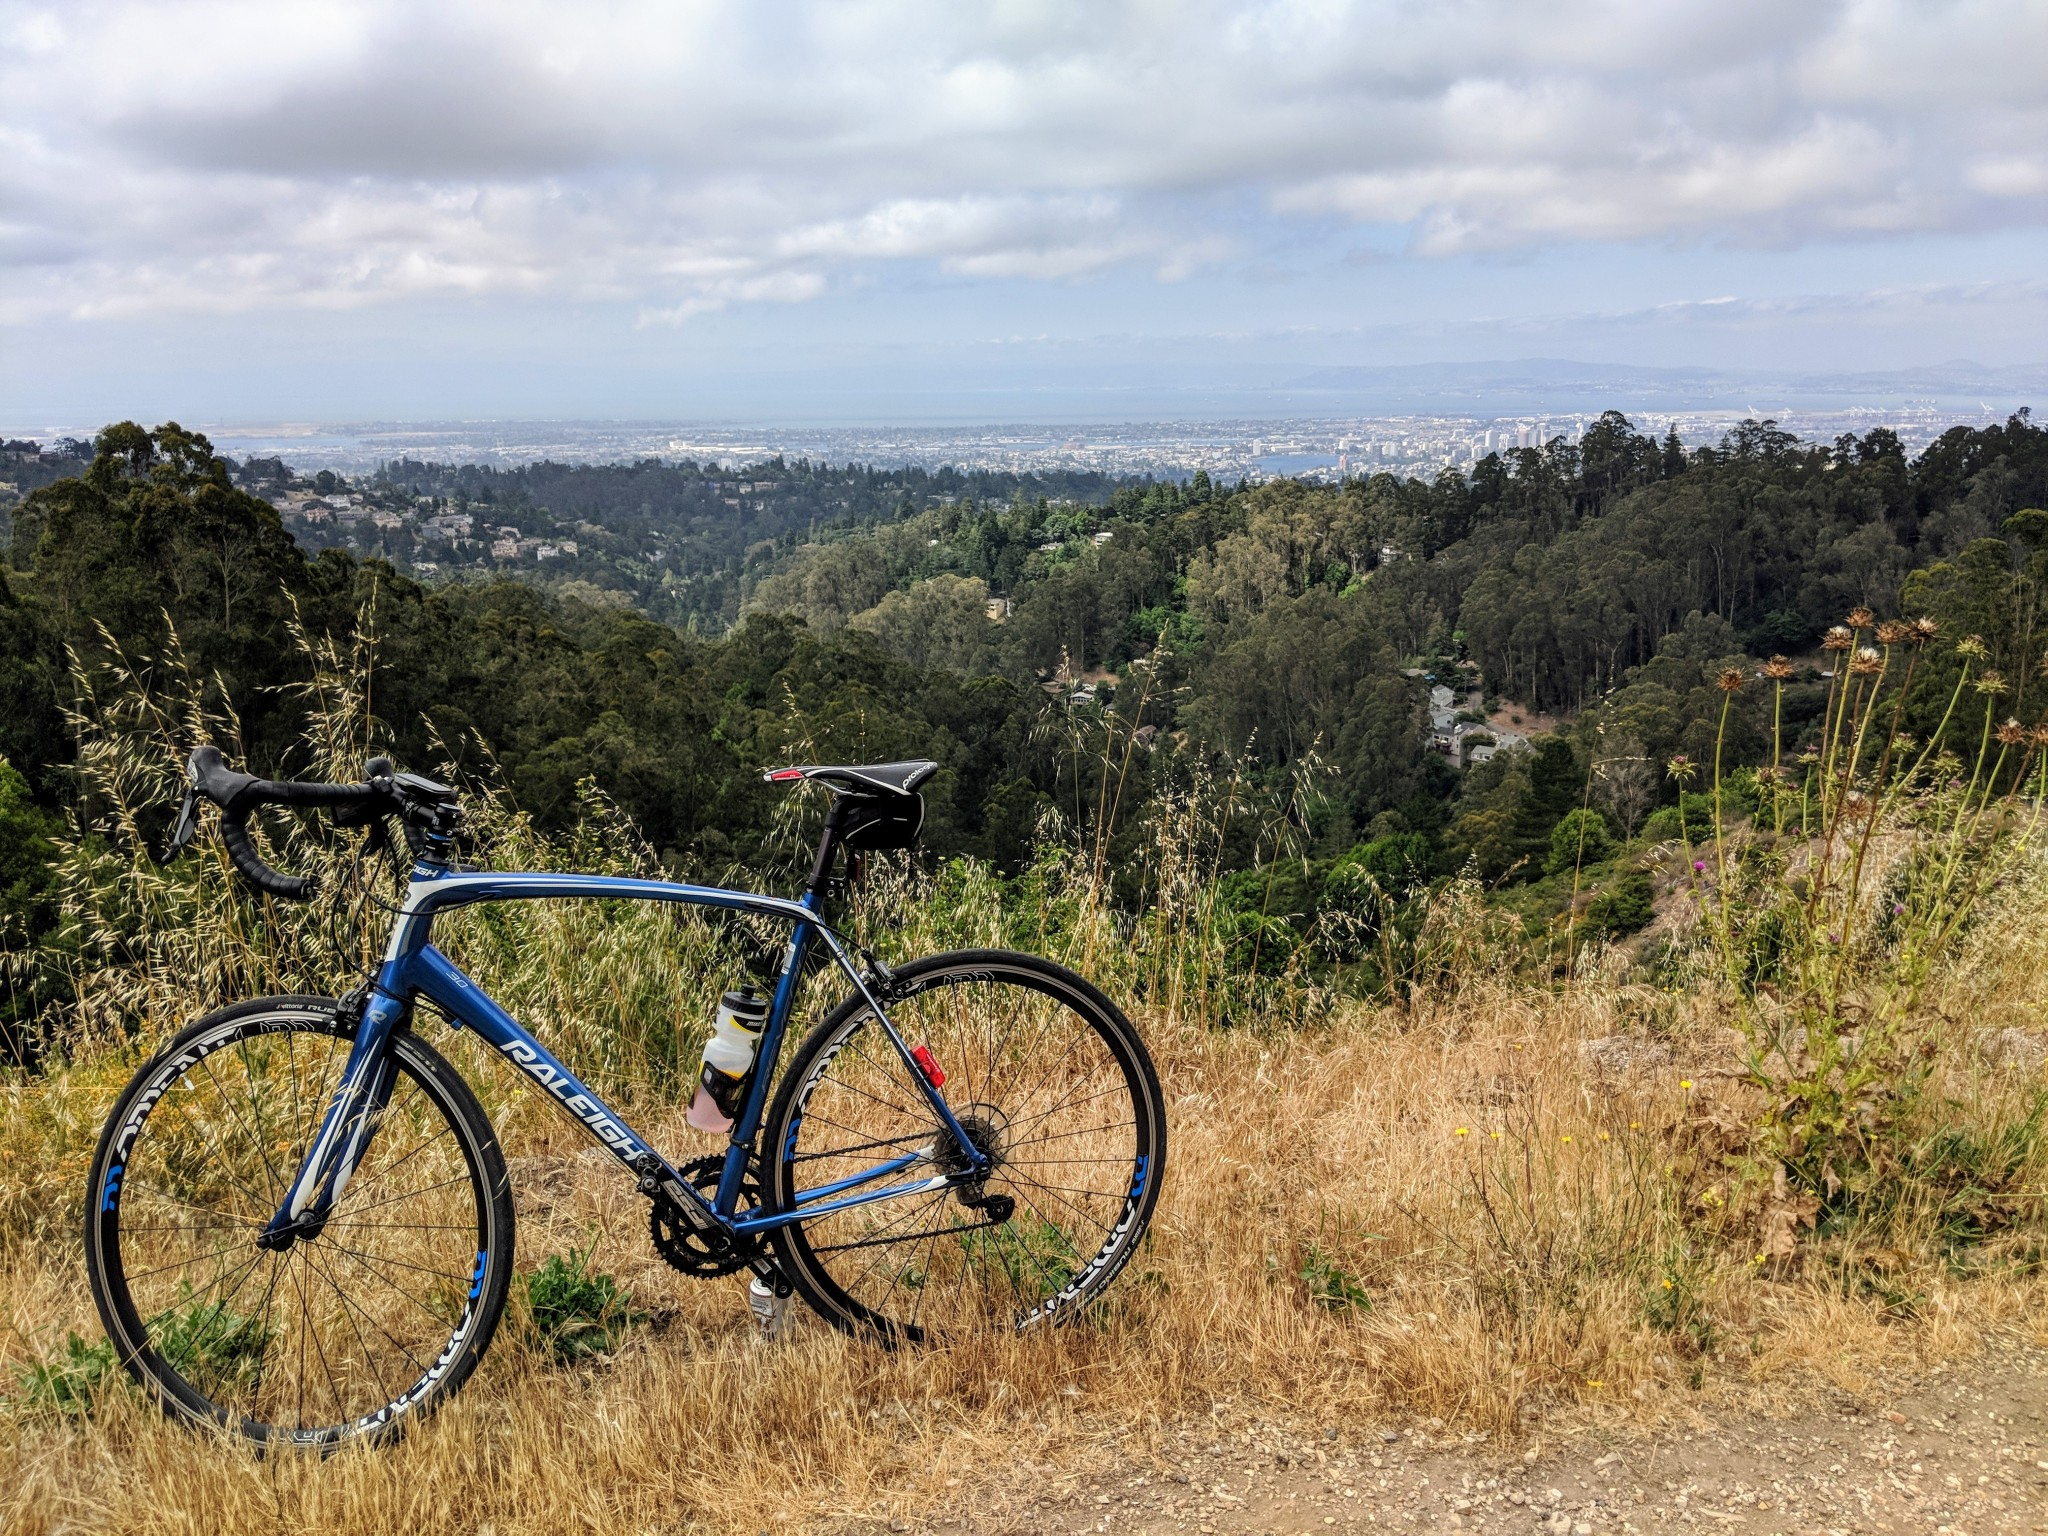 Sosta di dovere lungo il Grizzly peak Boulevard per ammirare la splendida vista sulla baia di San Francisco